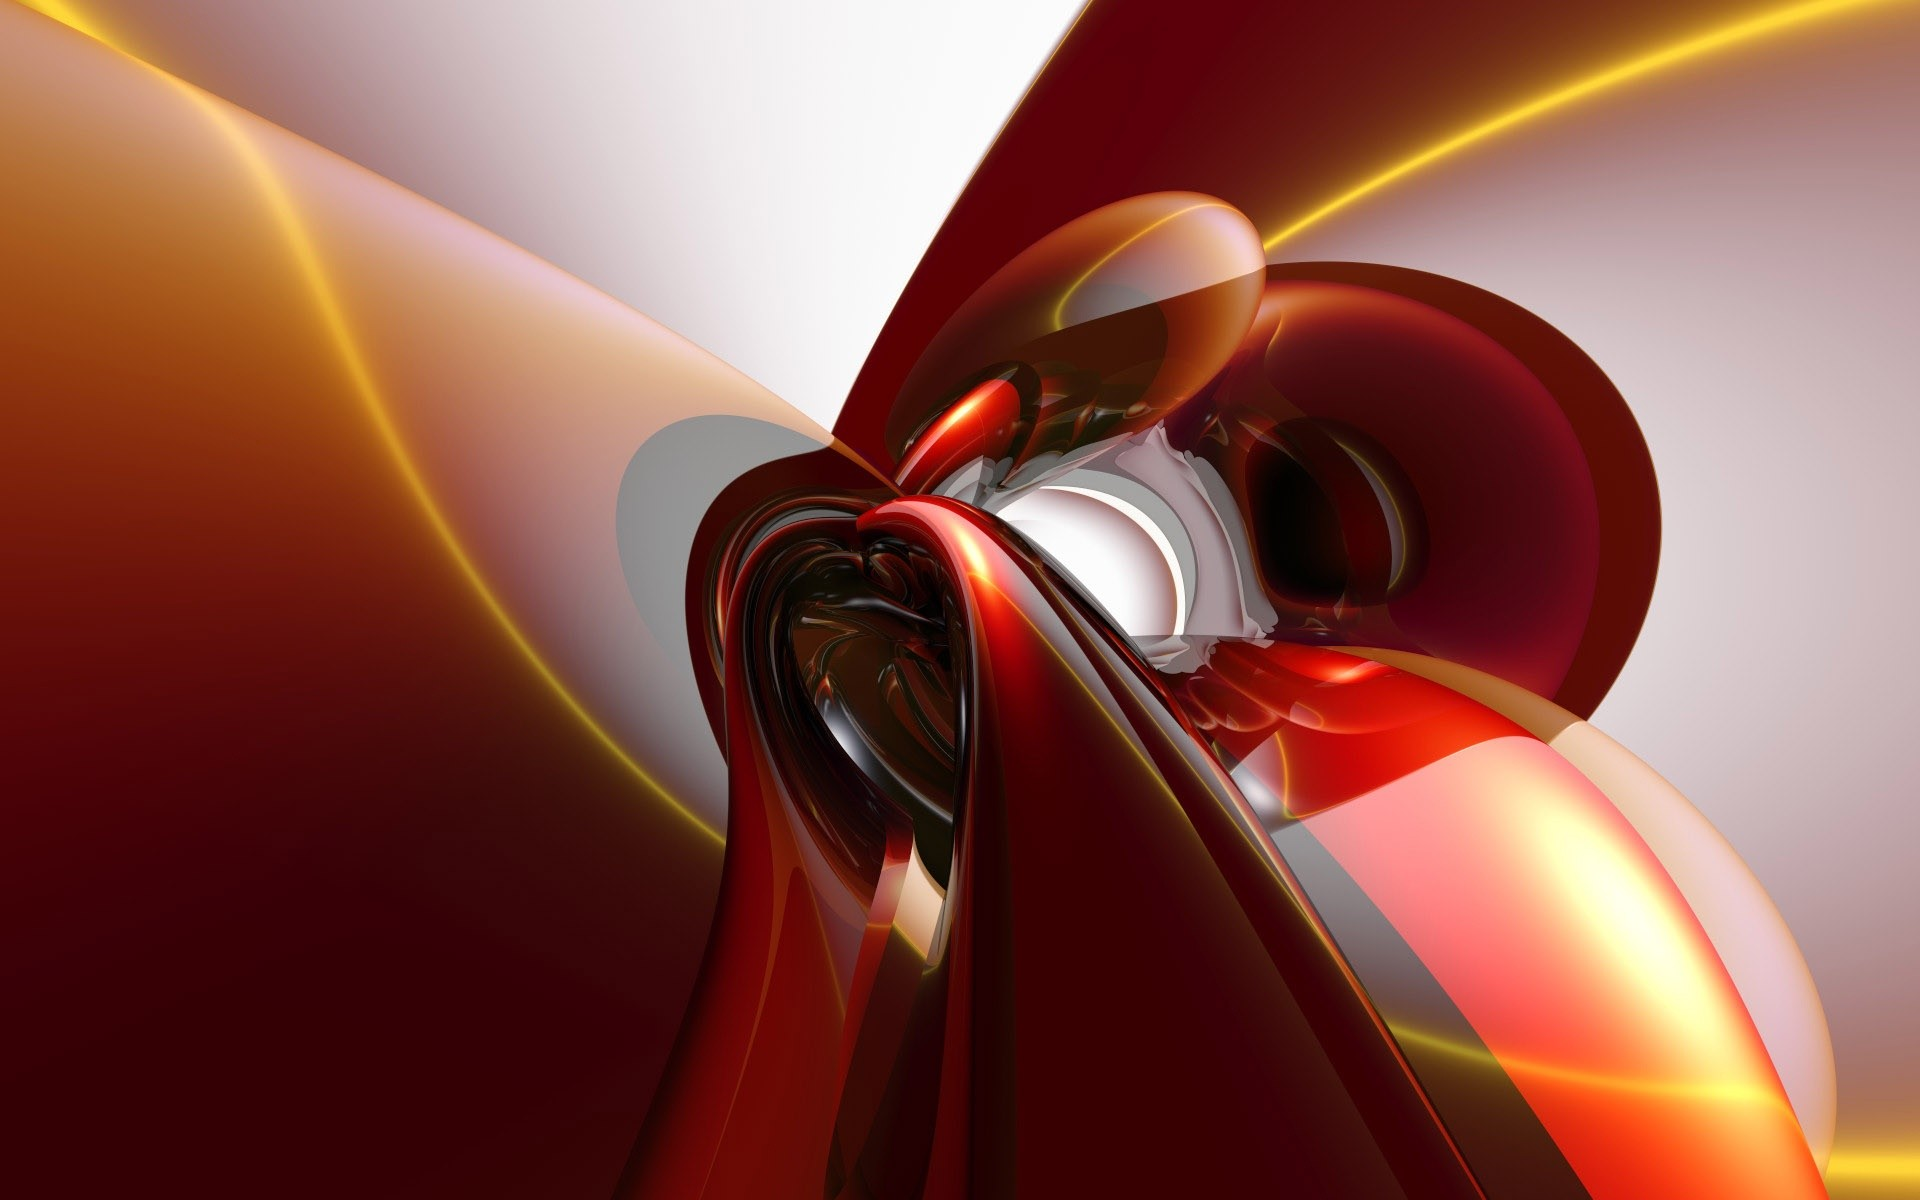 Красные струи абстракция фото